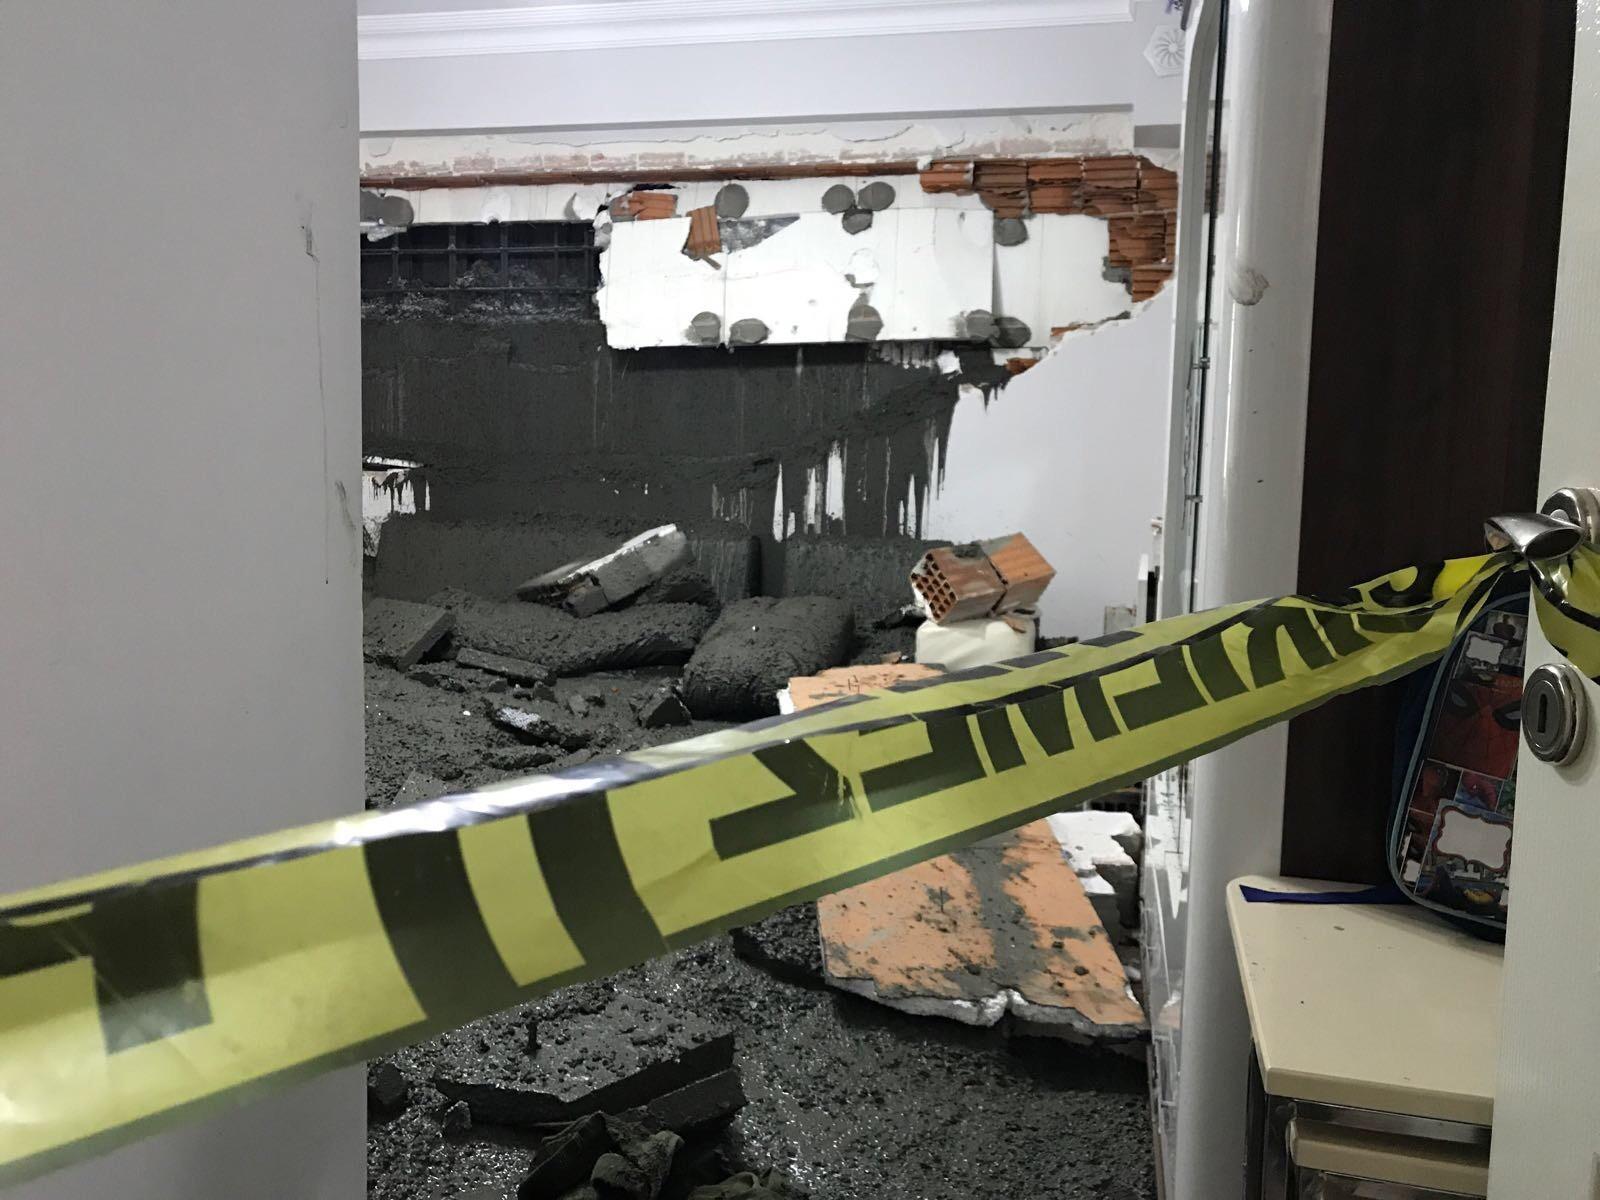 İstanbul Eyüpsultan'da binanın duvarı çöktü! Yaralılar var